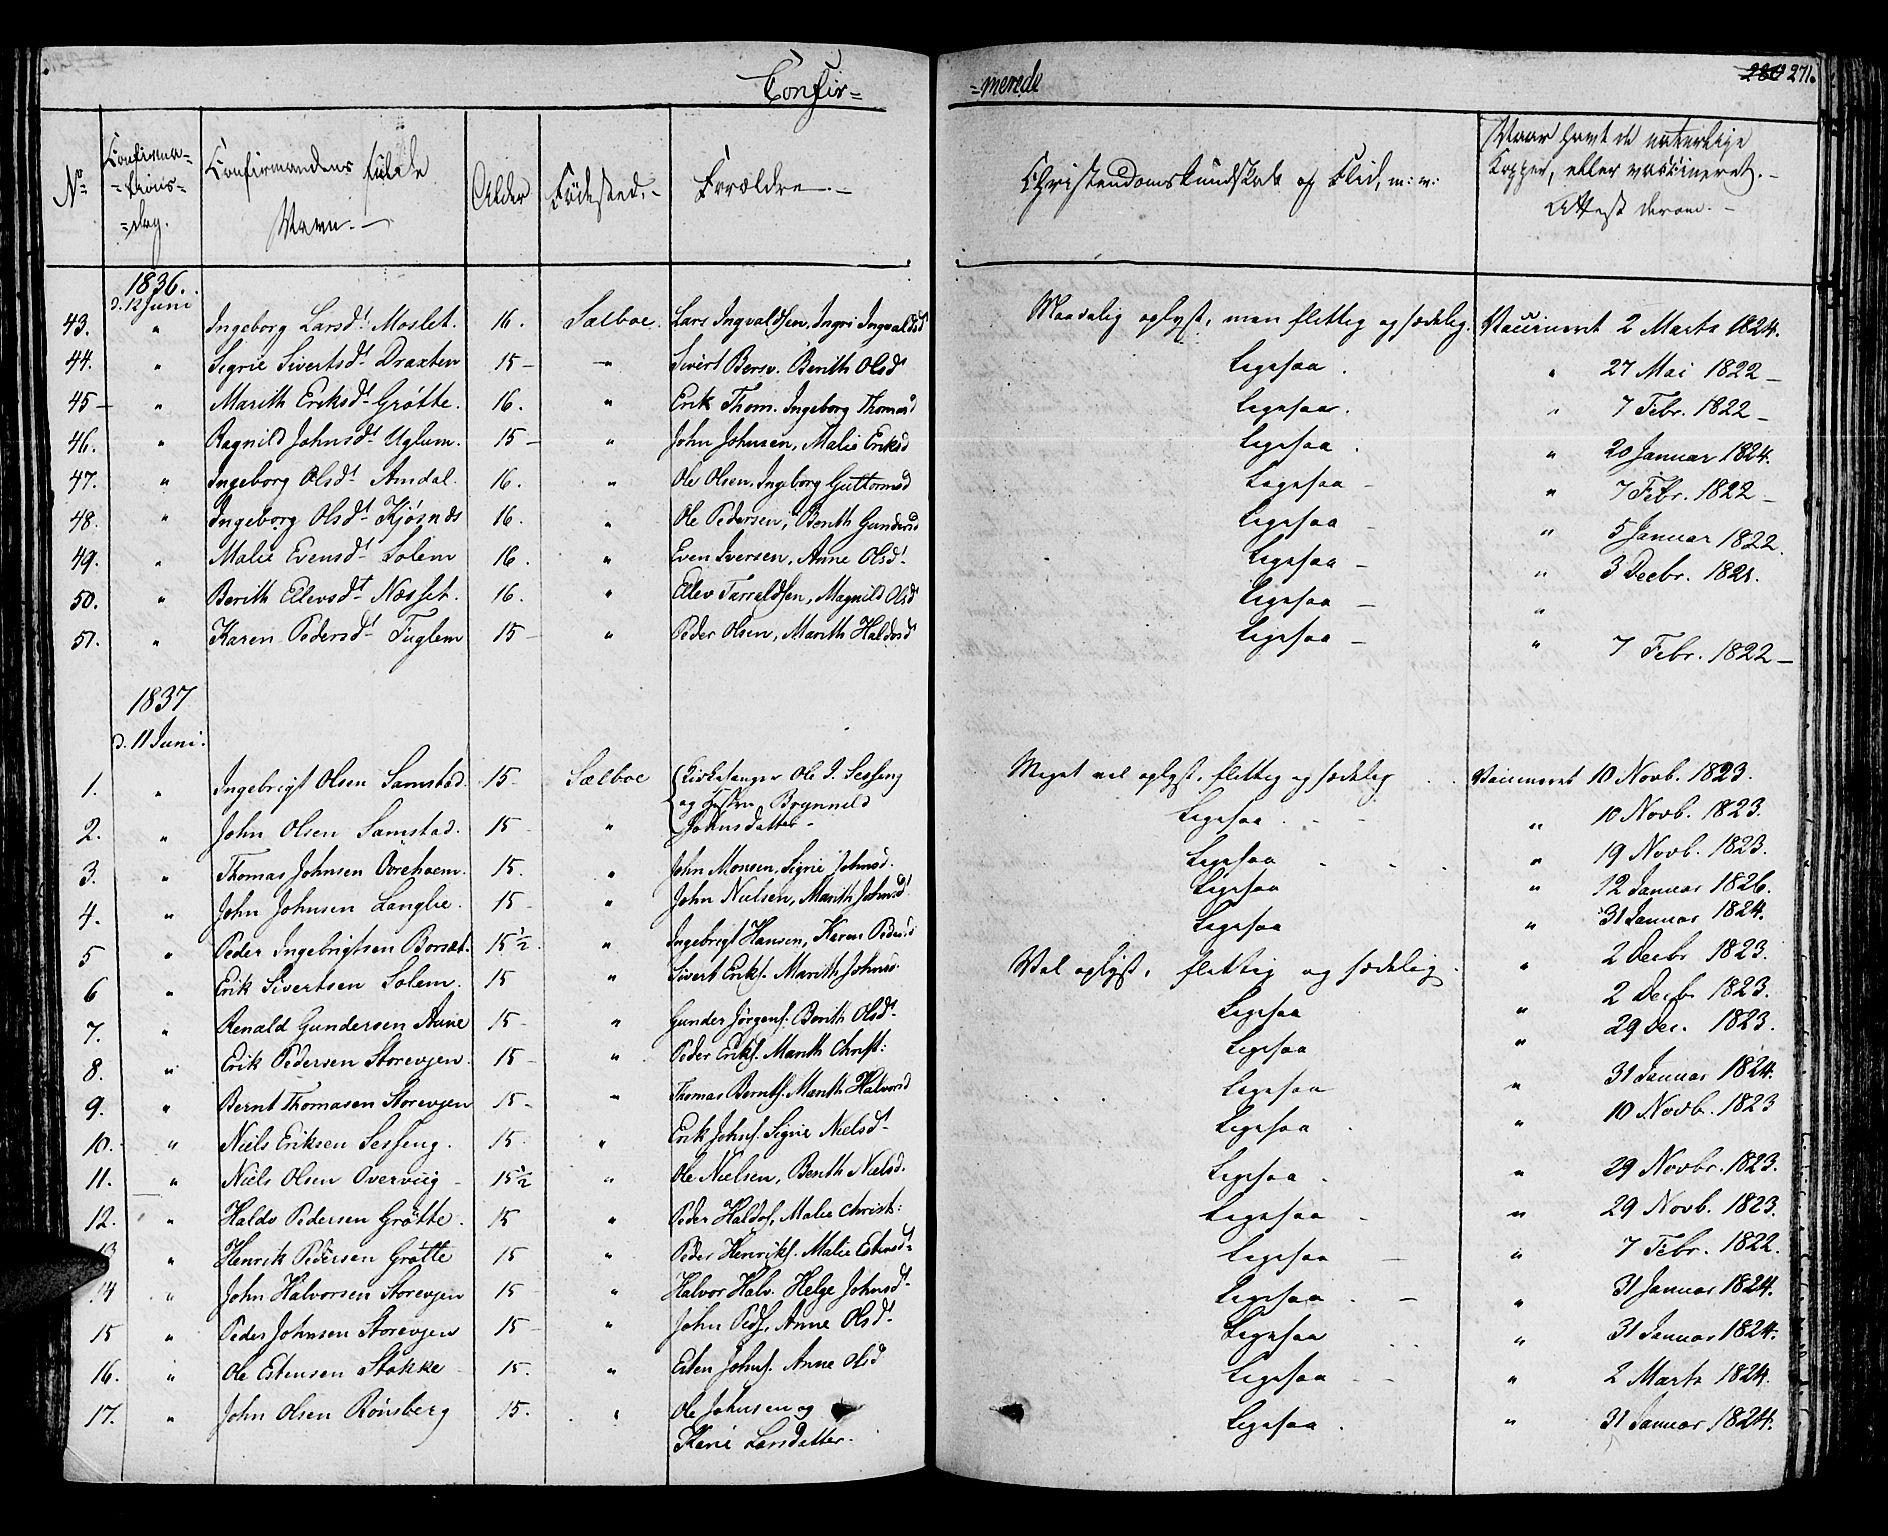 SAT, Ministerialprotokoller, klokkerbøker og fødselsregistre - Sør-Trøndelag, 695/L1143: Ministerialbok nr. 695A05 /1, 1824-1842, s. 271